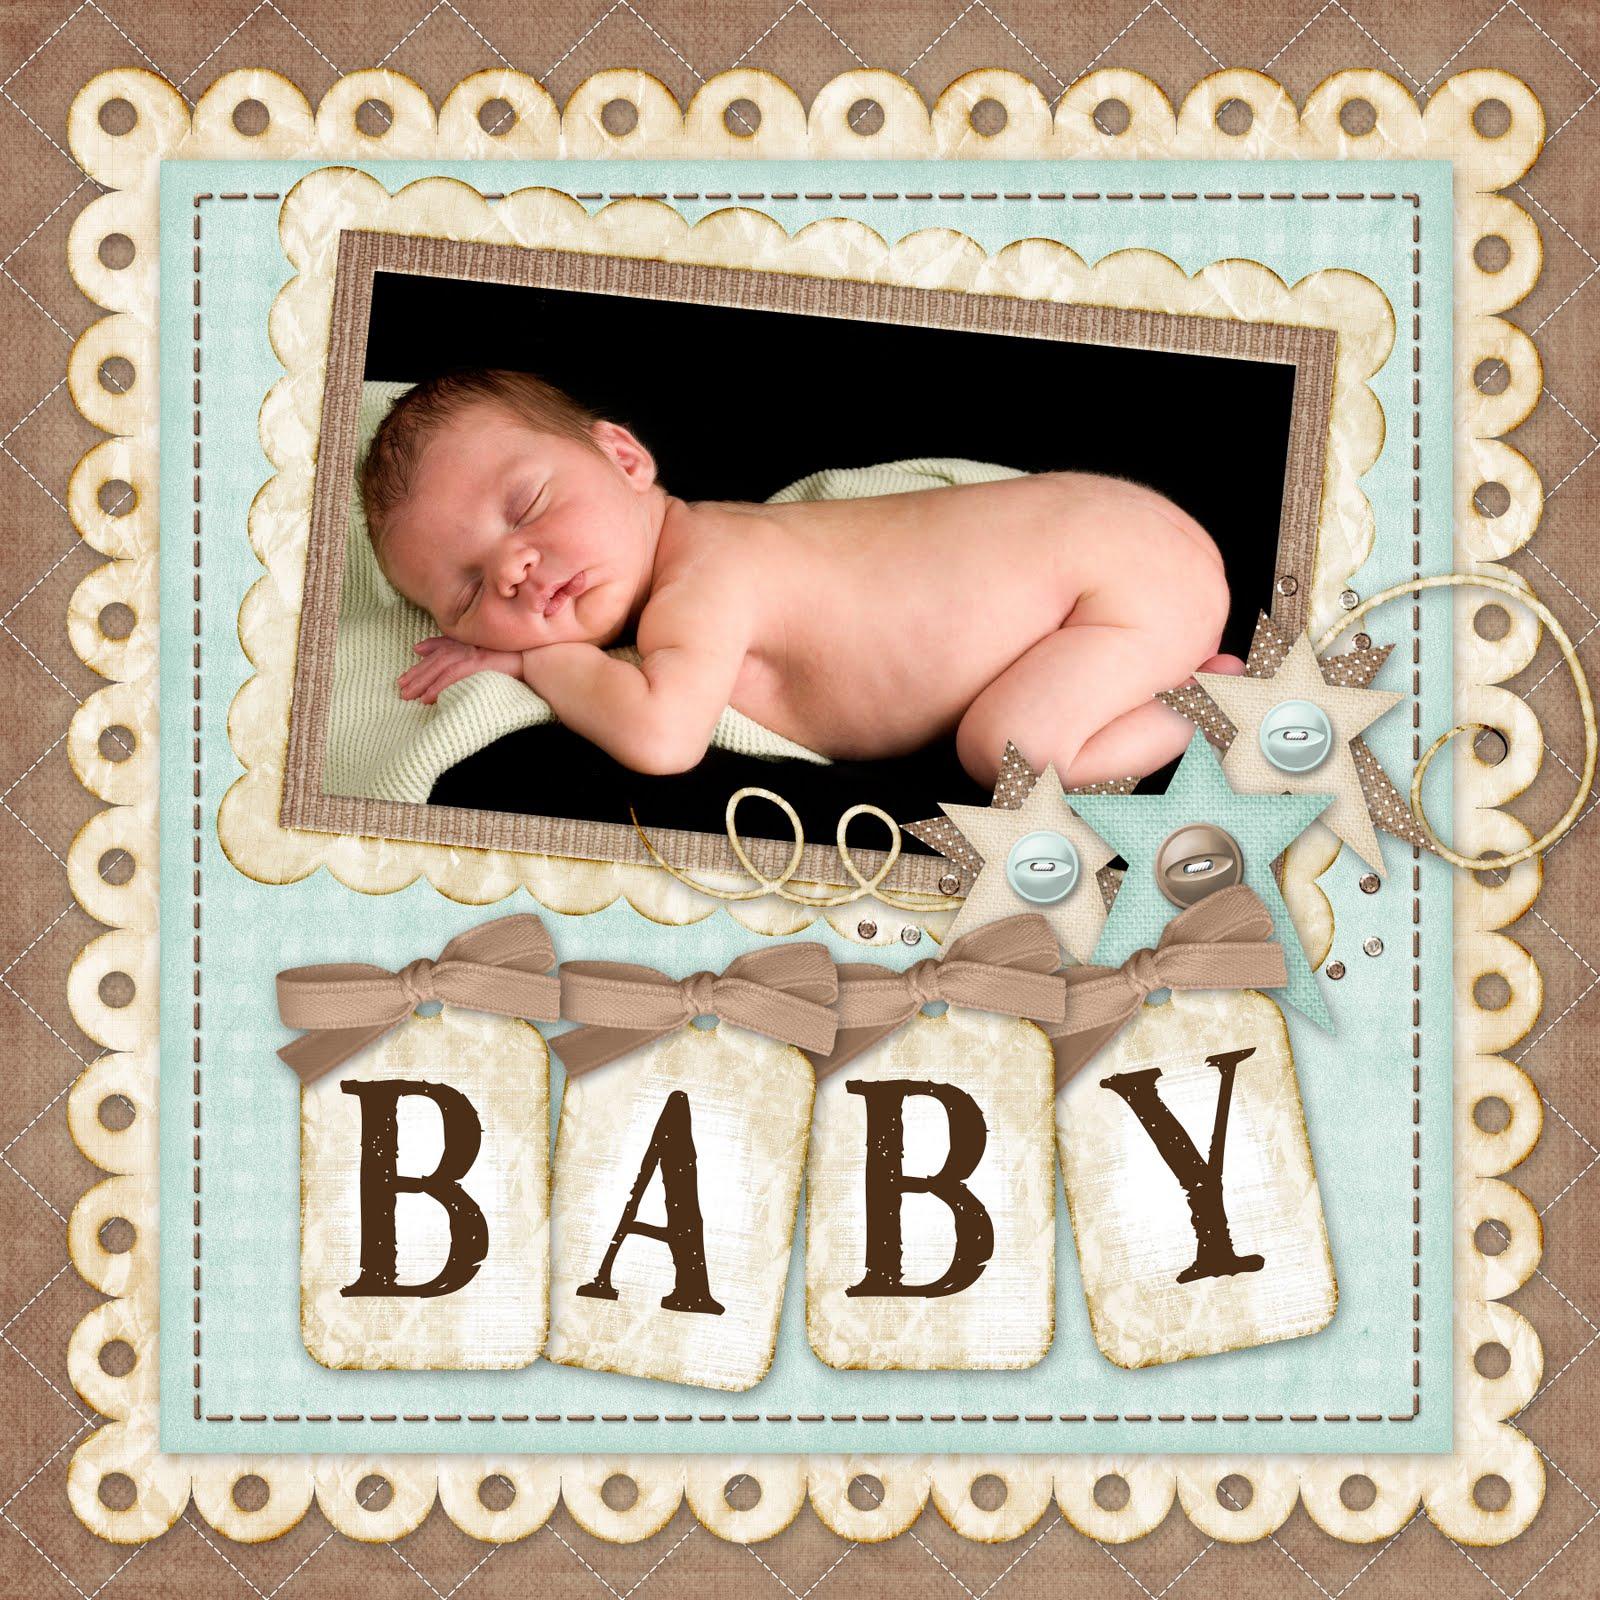 Baby scrapbook page ideas - Baby Boy Scrapbook Ideas